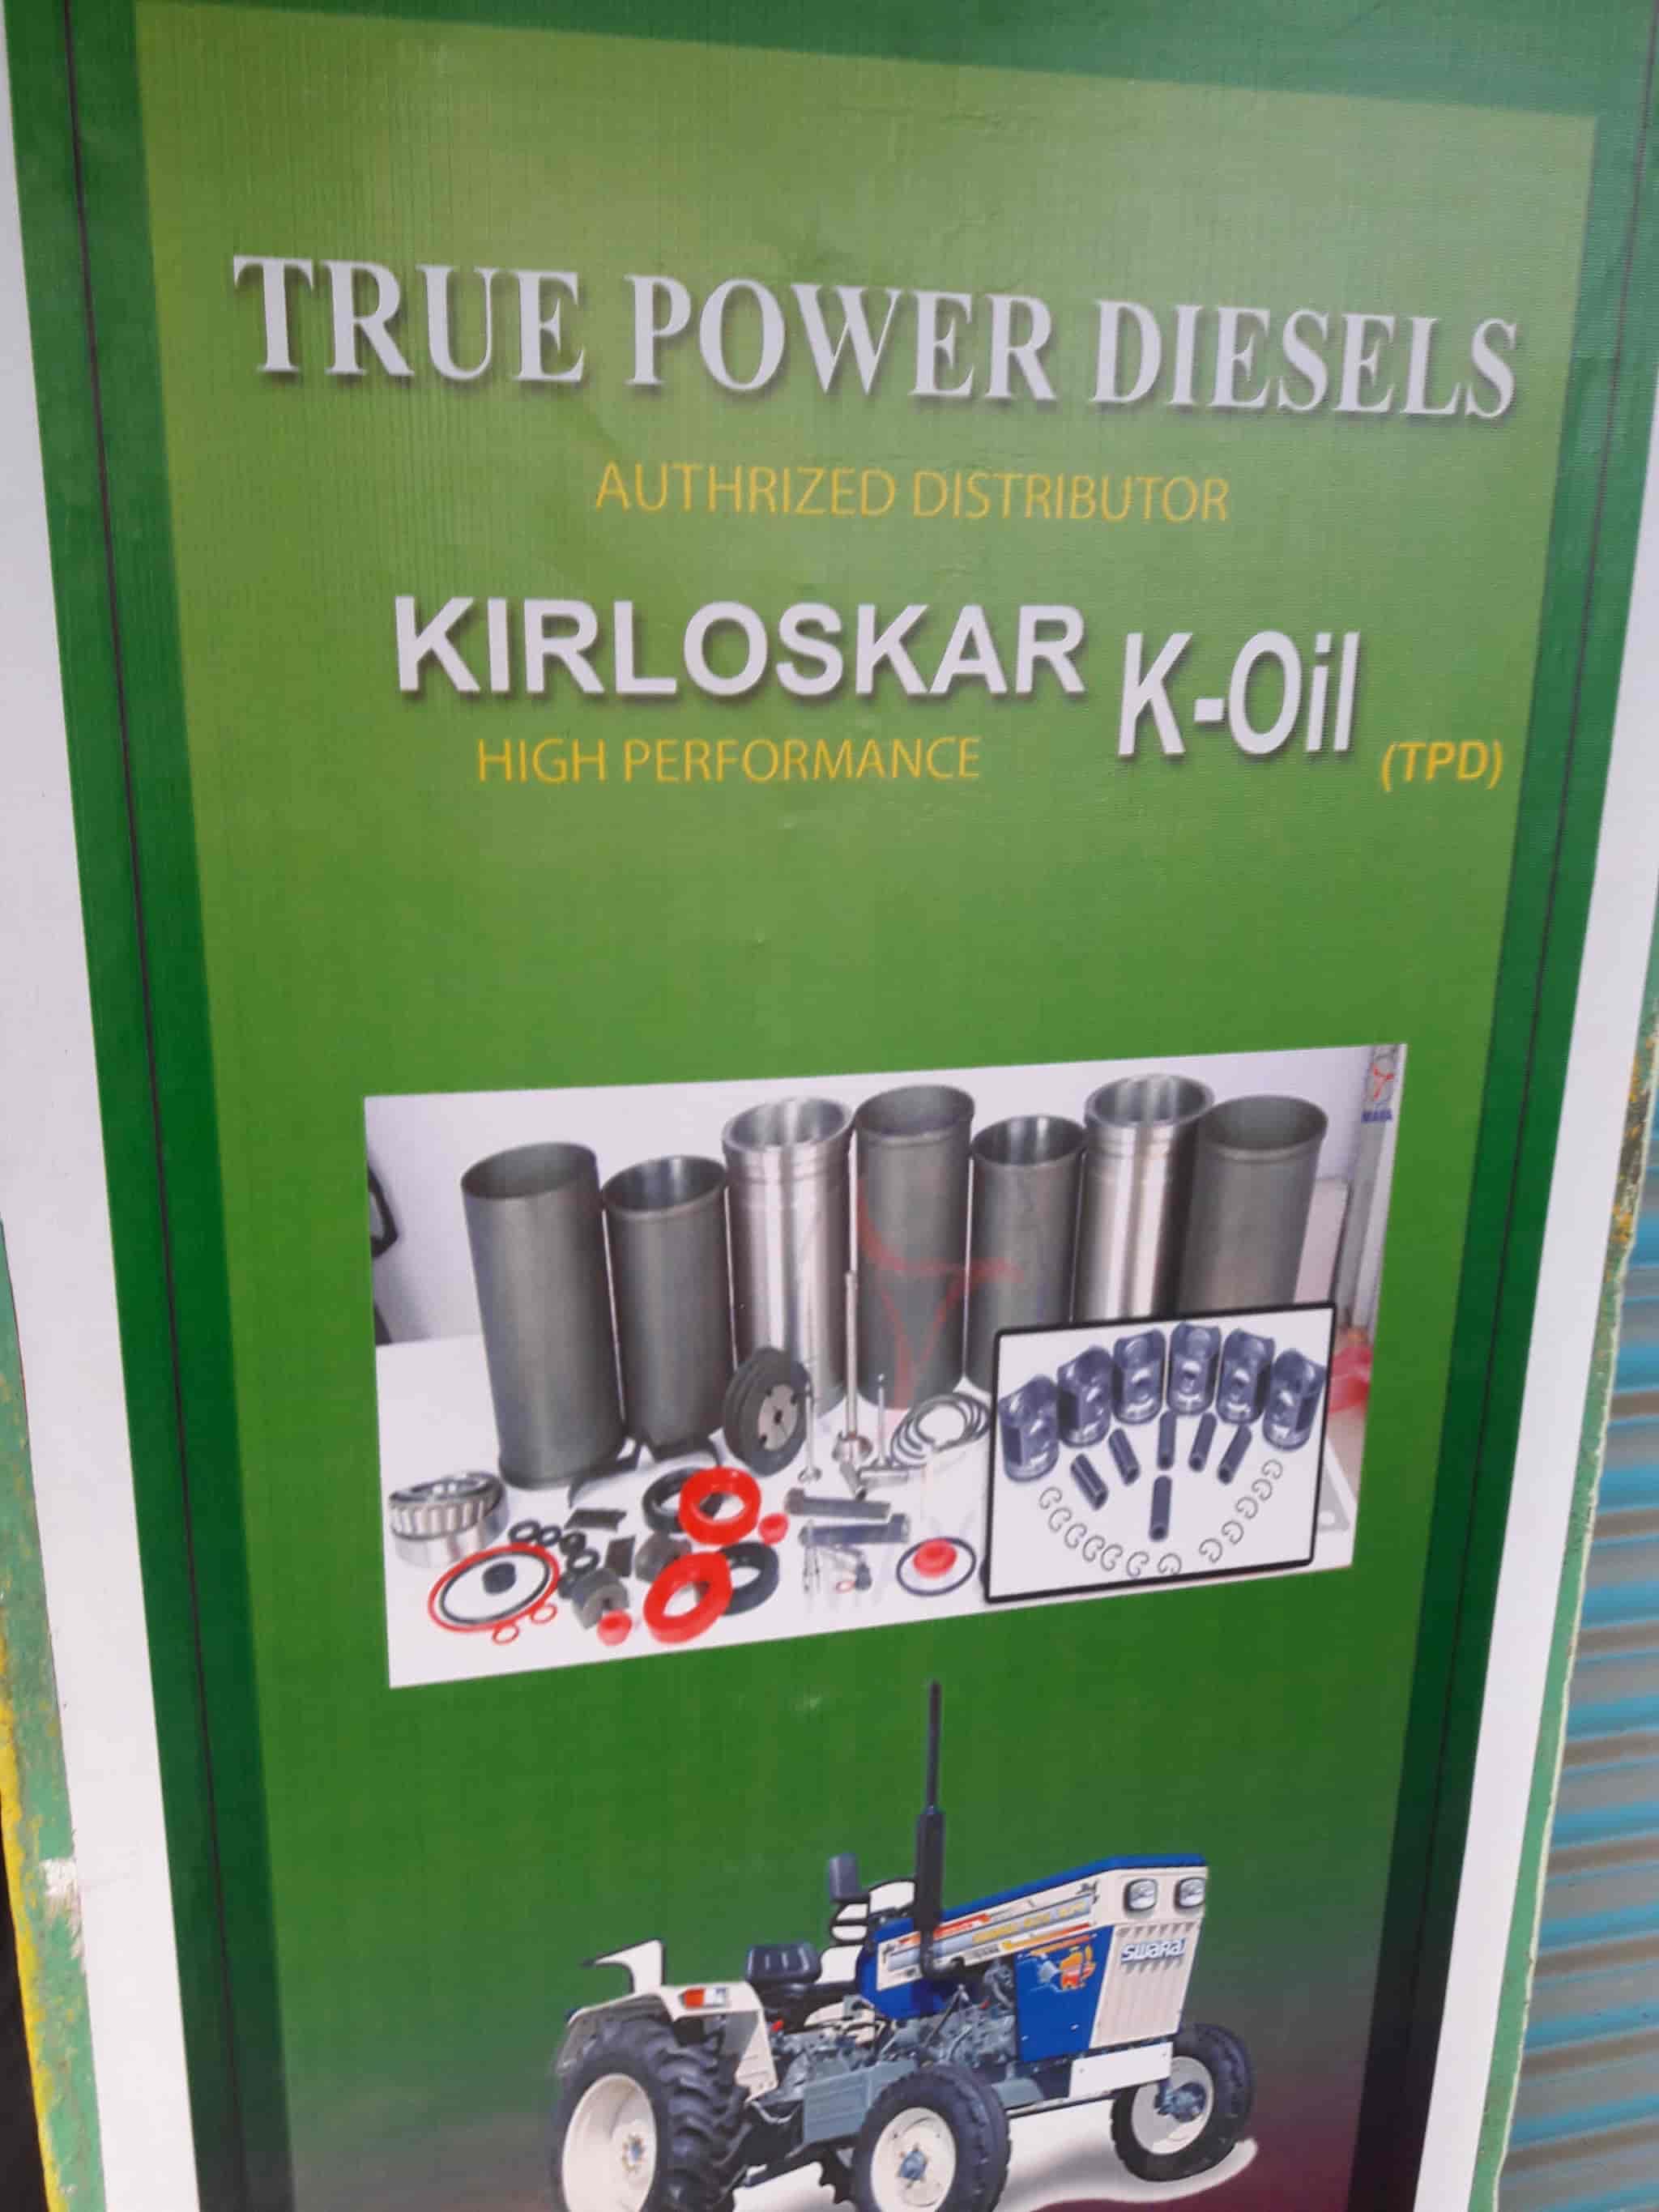 True Power Diesels Generator Repair & Services in Krishnagiri